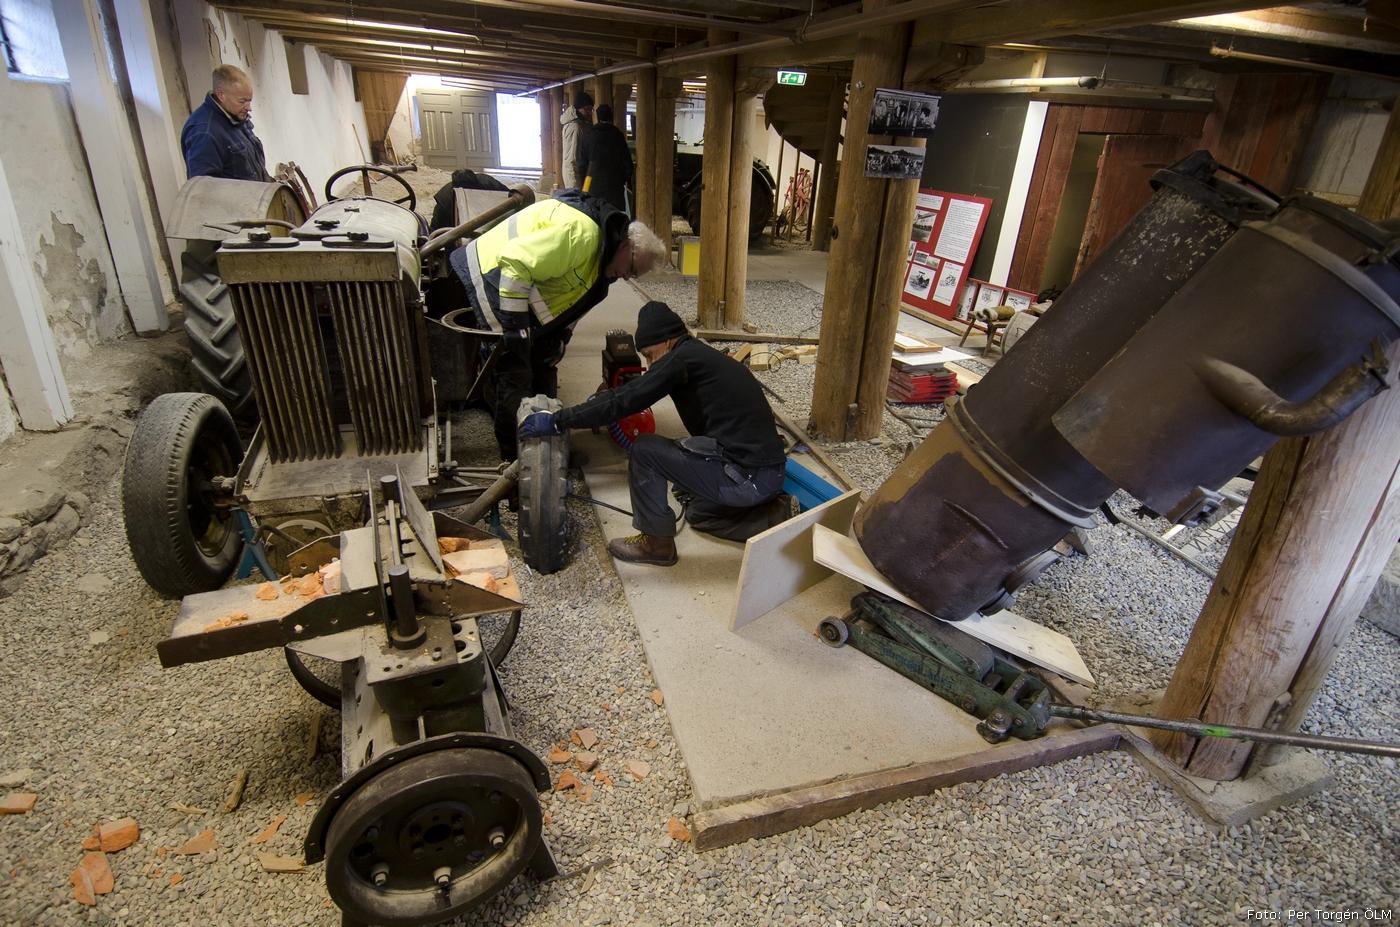 2012-02-10_081_Tekniska_kvarnen